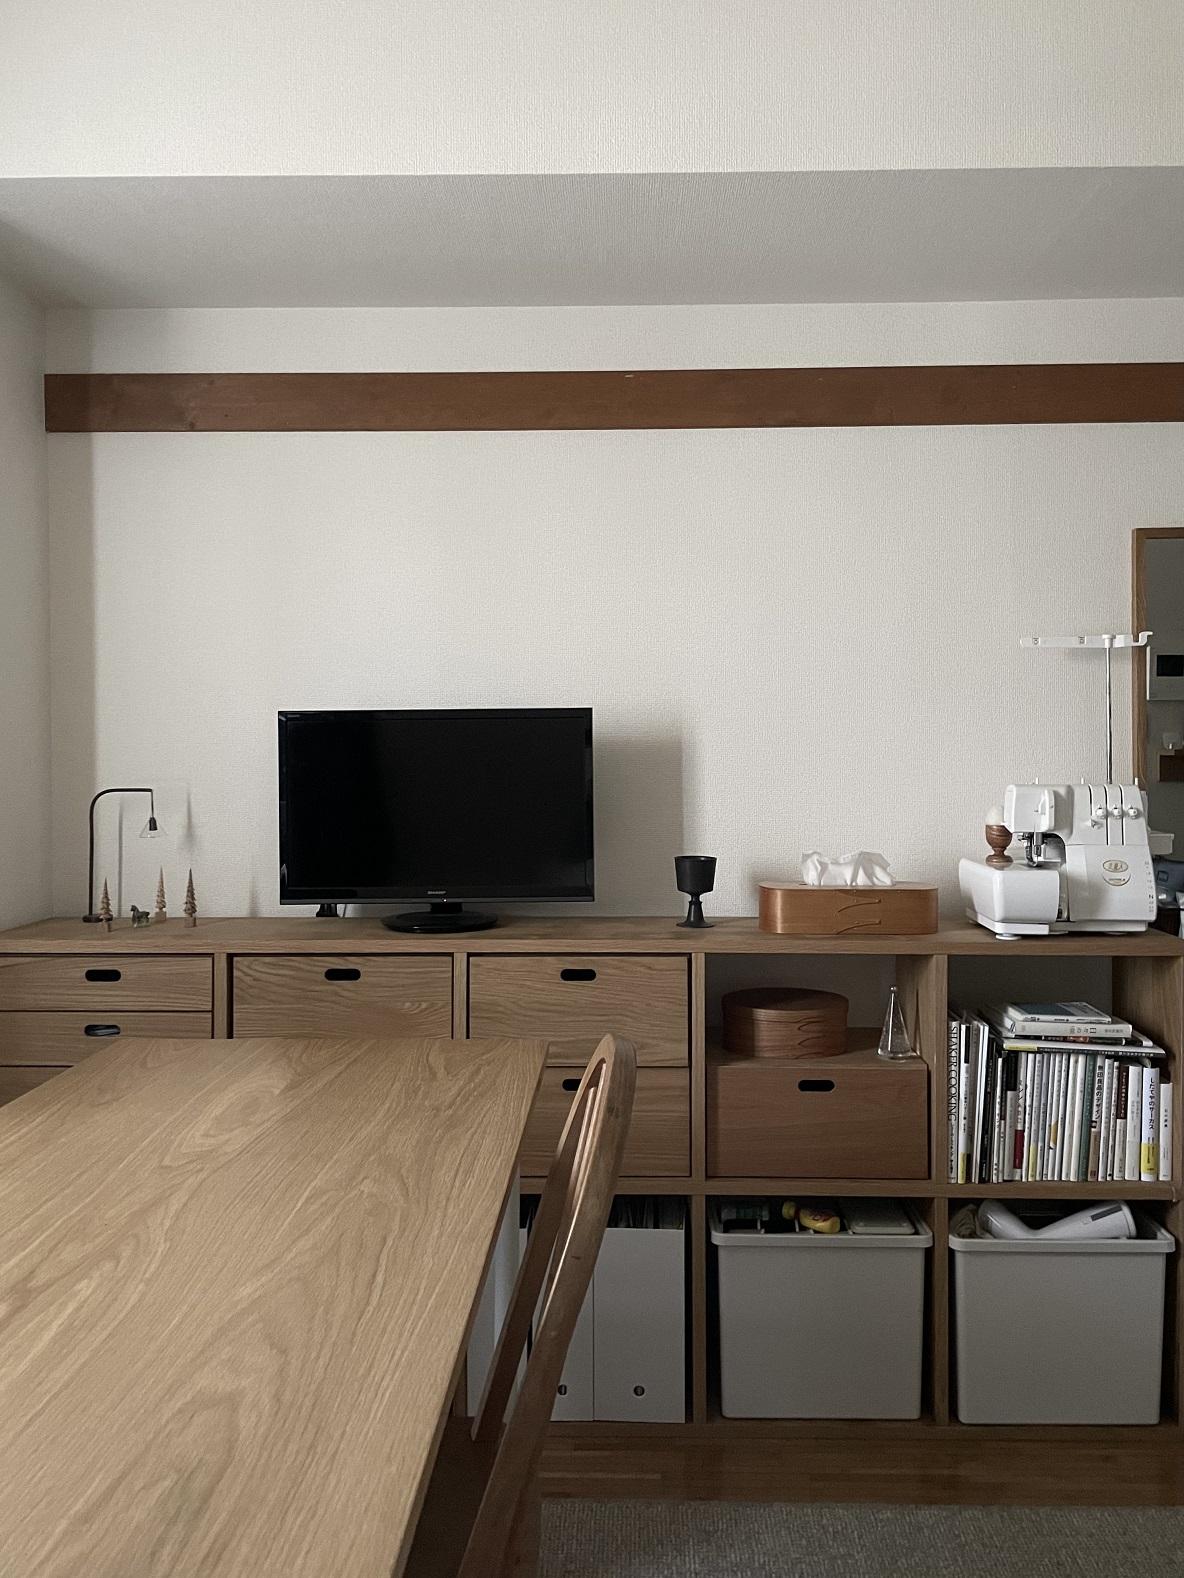 ごちゃつきがちな棚のディスプレイは、「色味」と「配置」が統一感を出すポイントでした|わたしの部屋